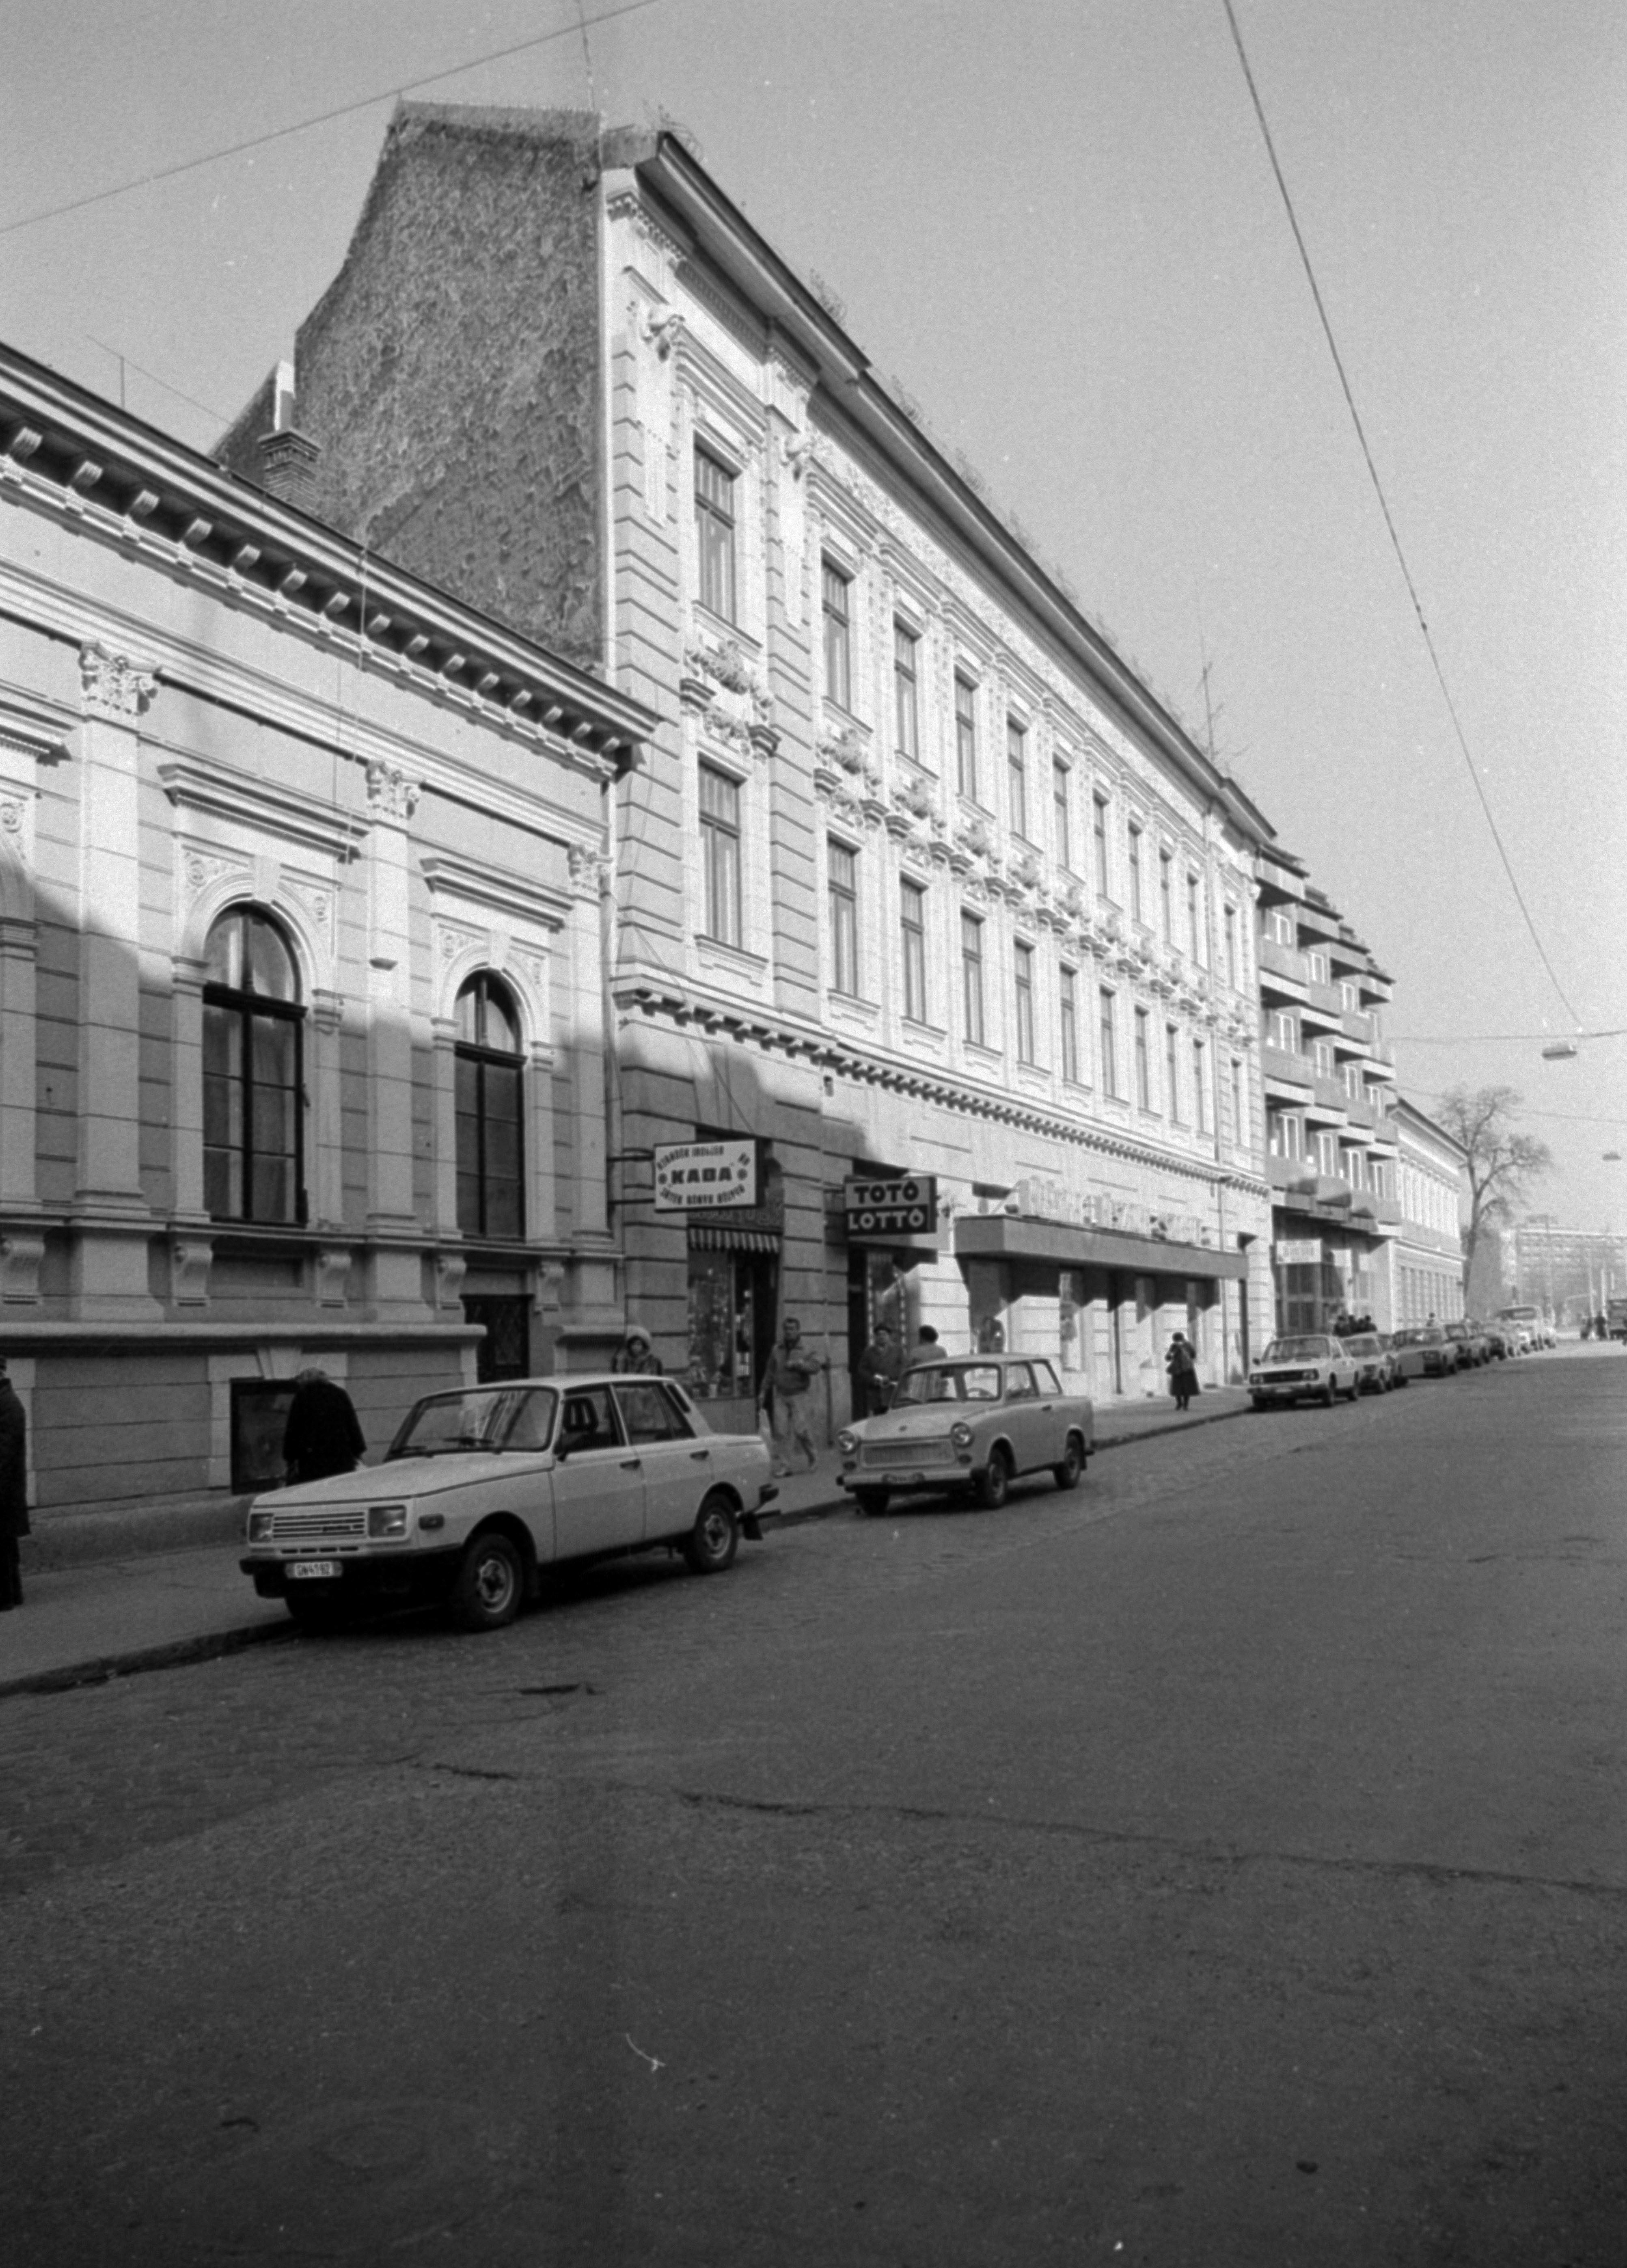 1980. Magyarország, Budapest X. Kőrösi Csoma sétány a Szent László (Pataky István) tér felé nézve.